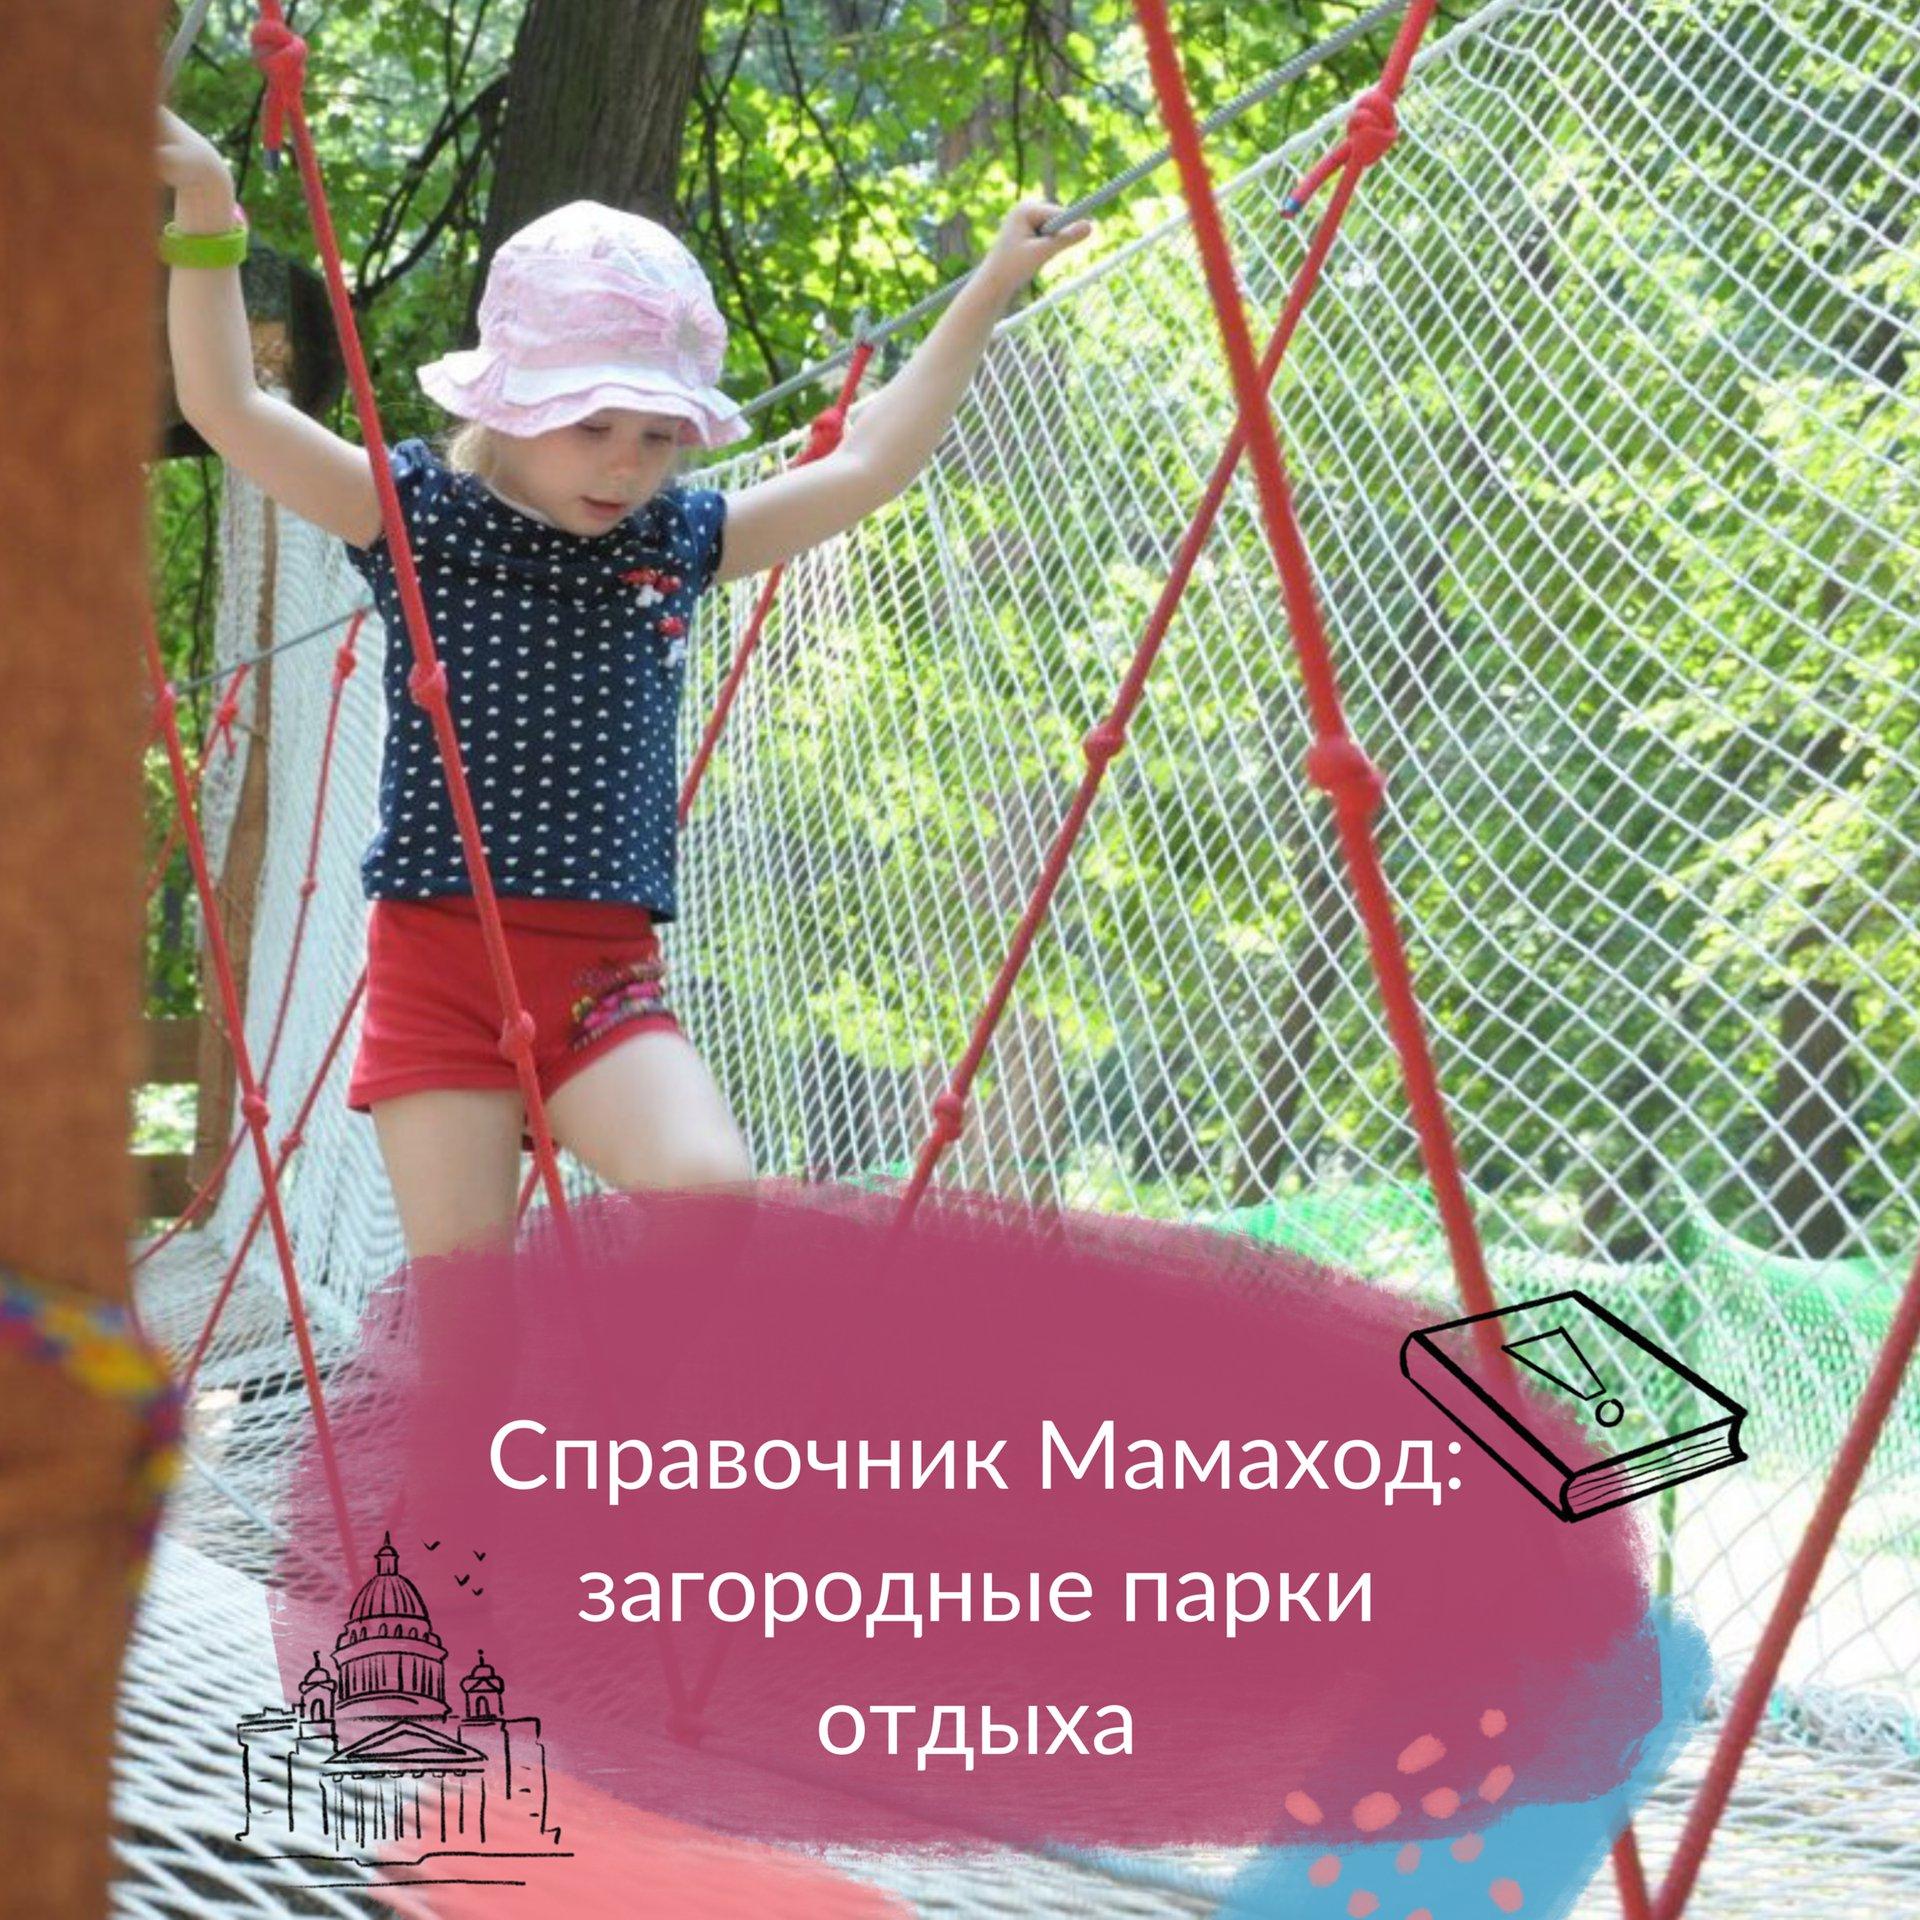 Загородные парки отдыха и развлечений